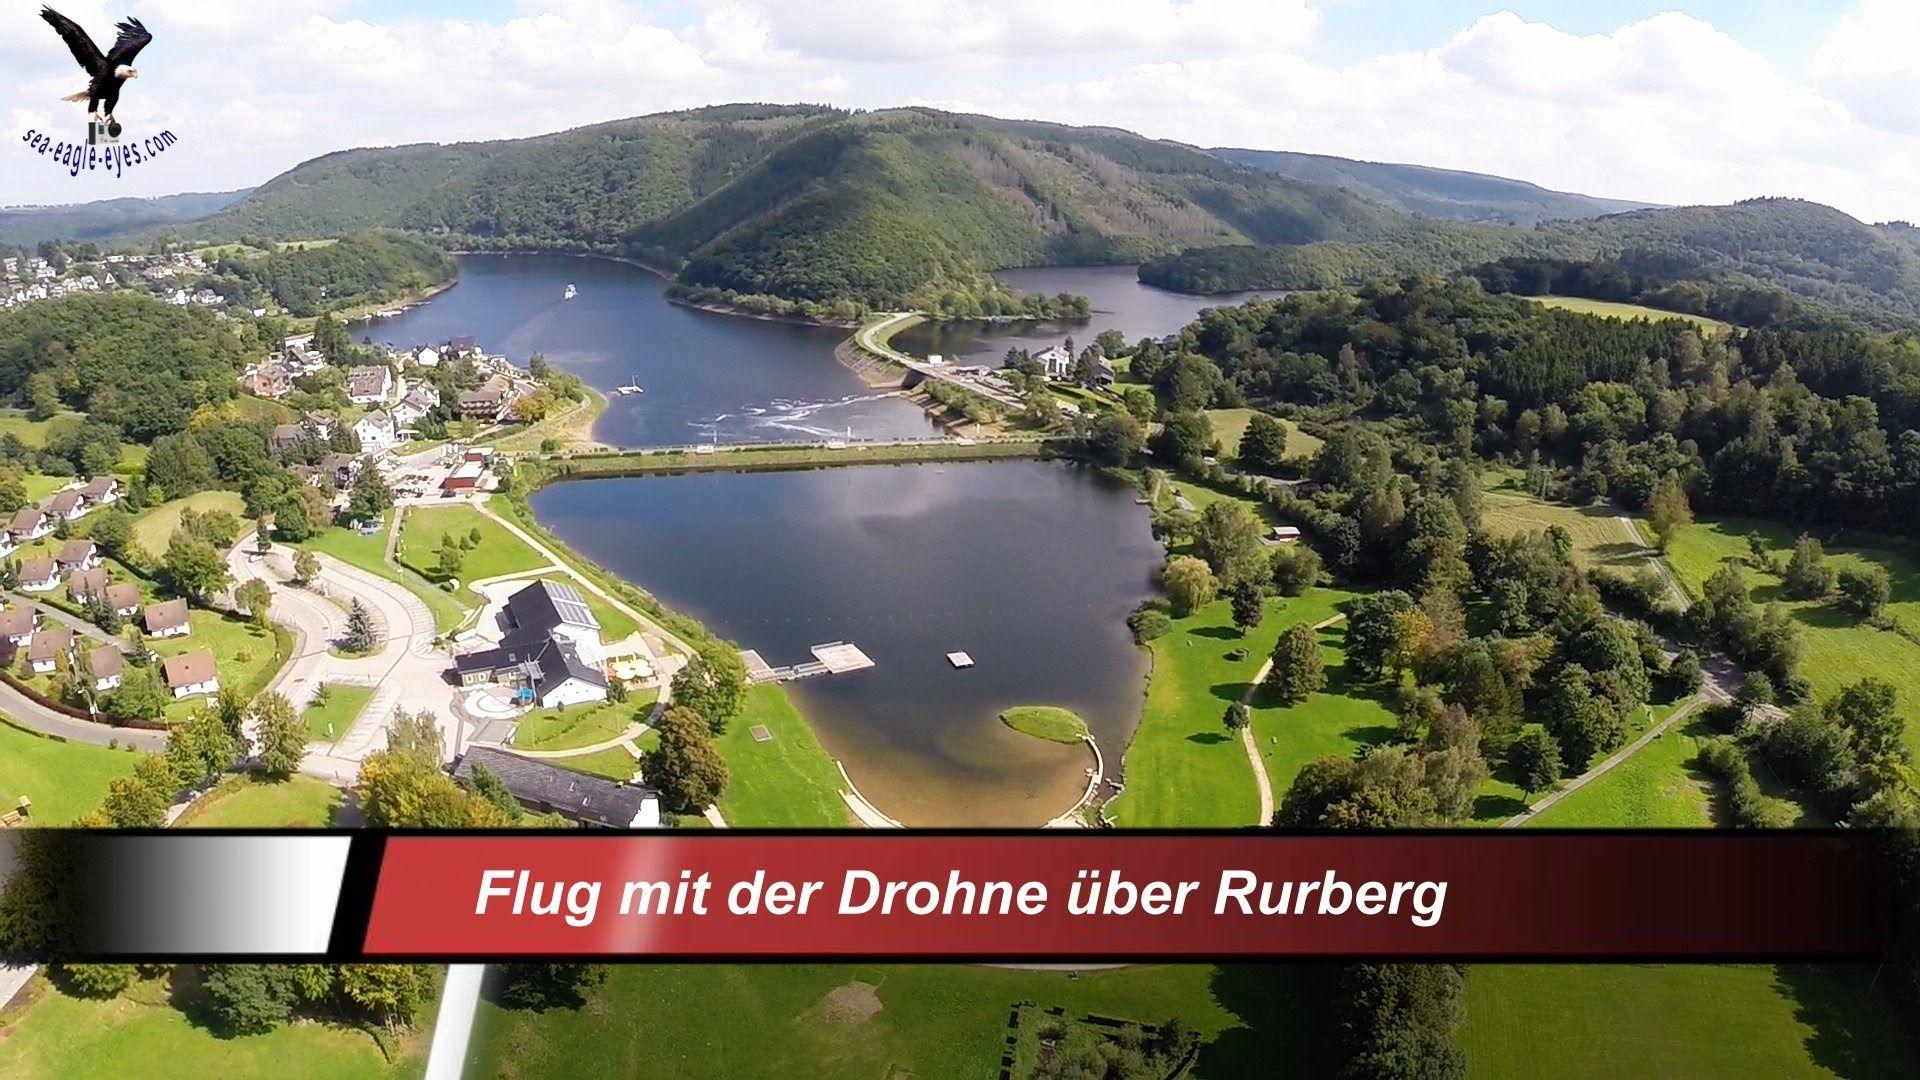 Rurberg aus der Vogelperspektive . Dank eines unserer Gäste. Vielen Dank dafür auch noch Mal Herr Kittel ! :-)